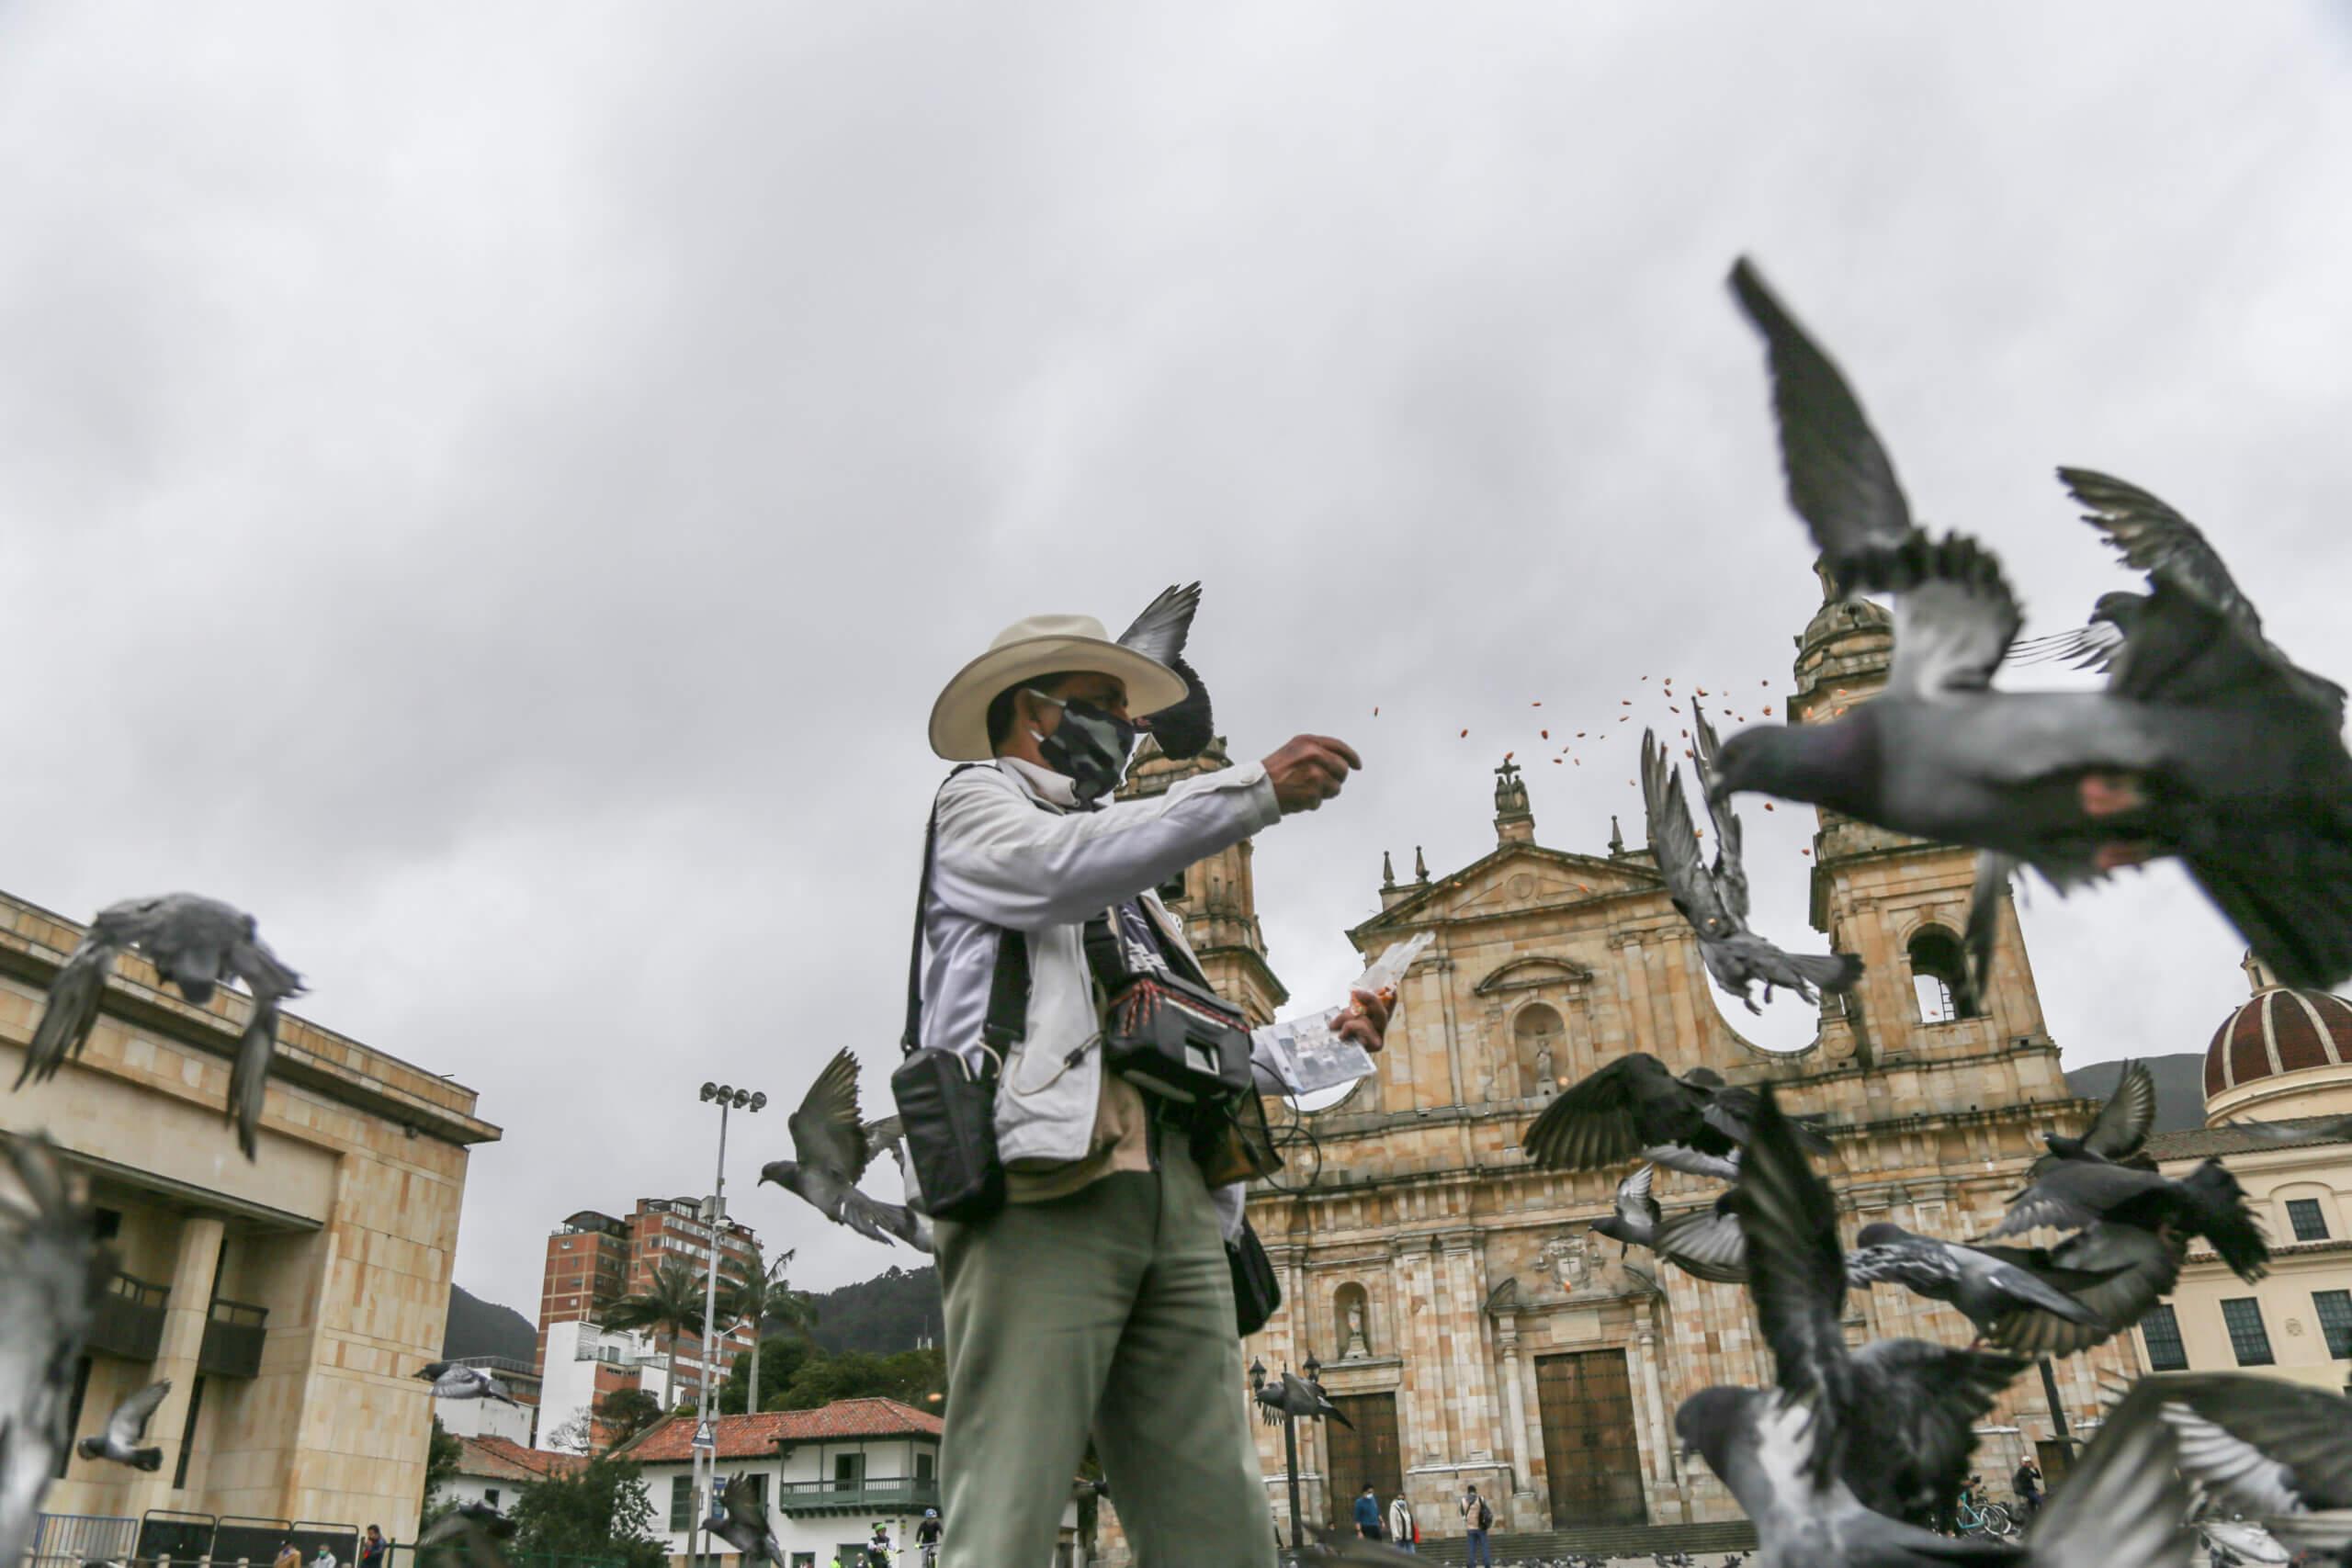 Kolombiya'nın başkenti Bogota'daki Bolivar Meydanı'nda bir fotoğrafçı güvercinleri besledi.